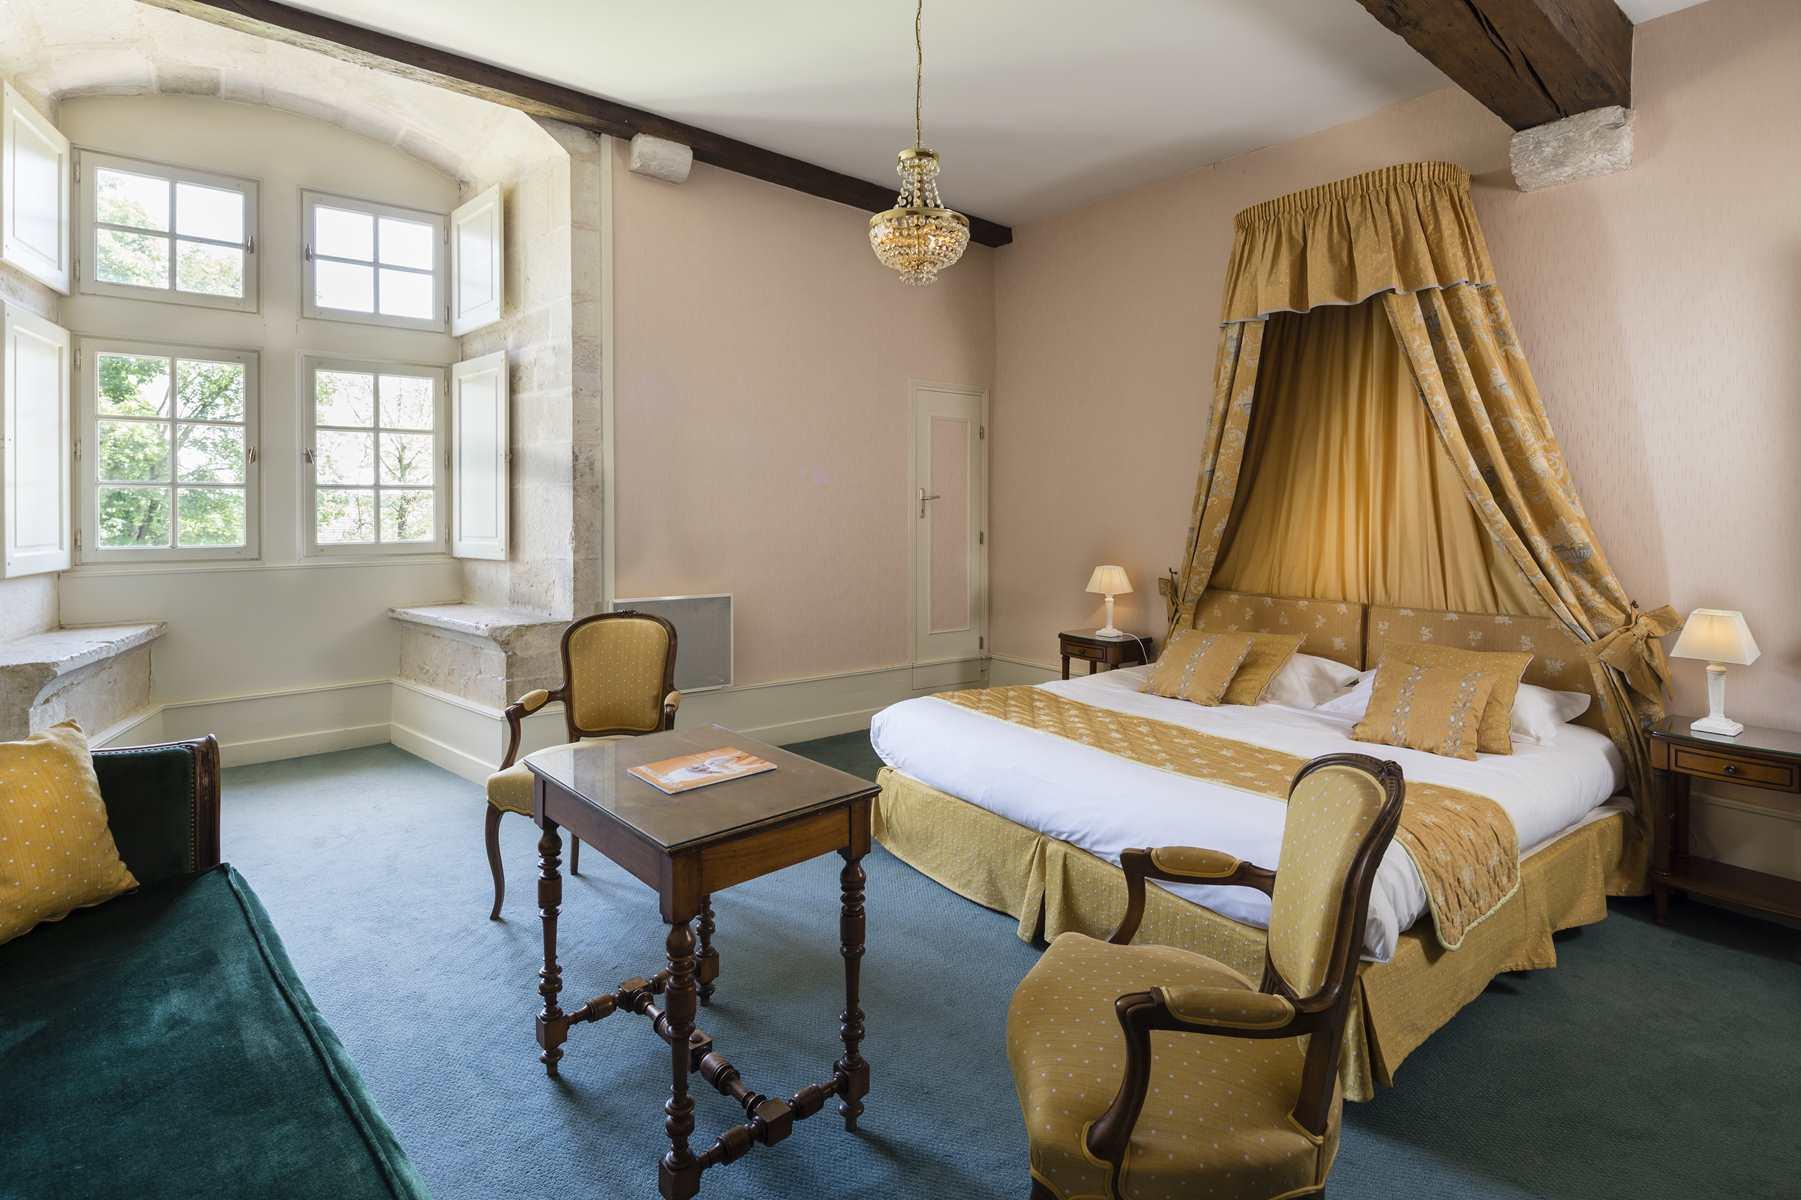 Vente Hôtel en Bourgogne près de Beaune (21200)